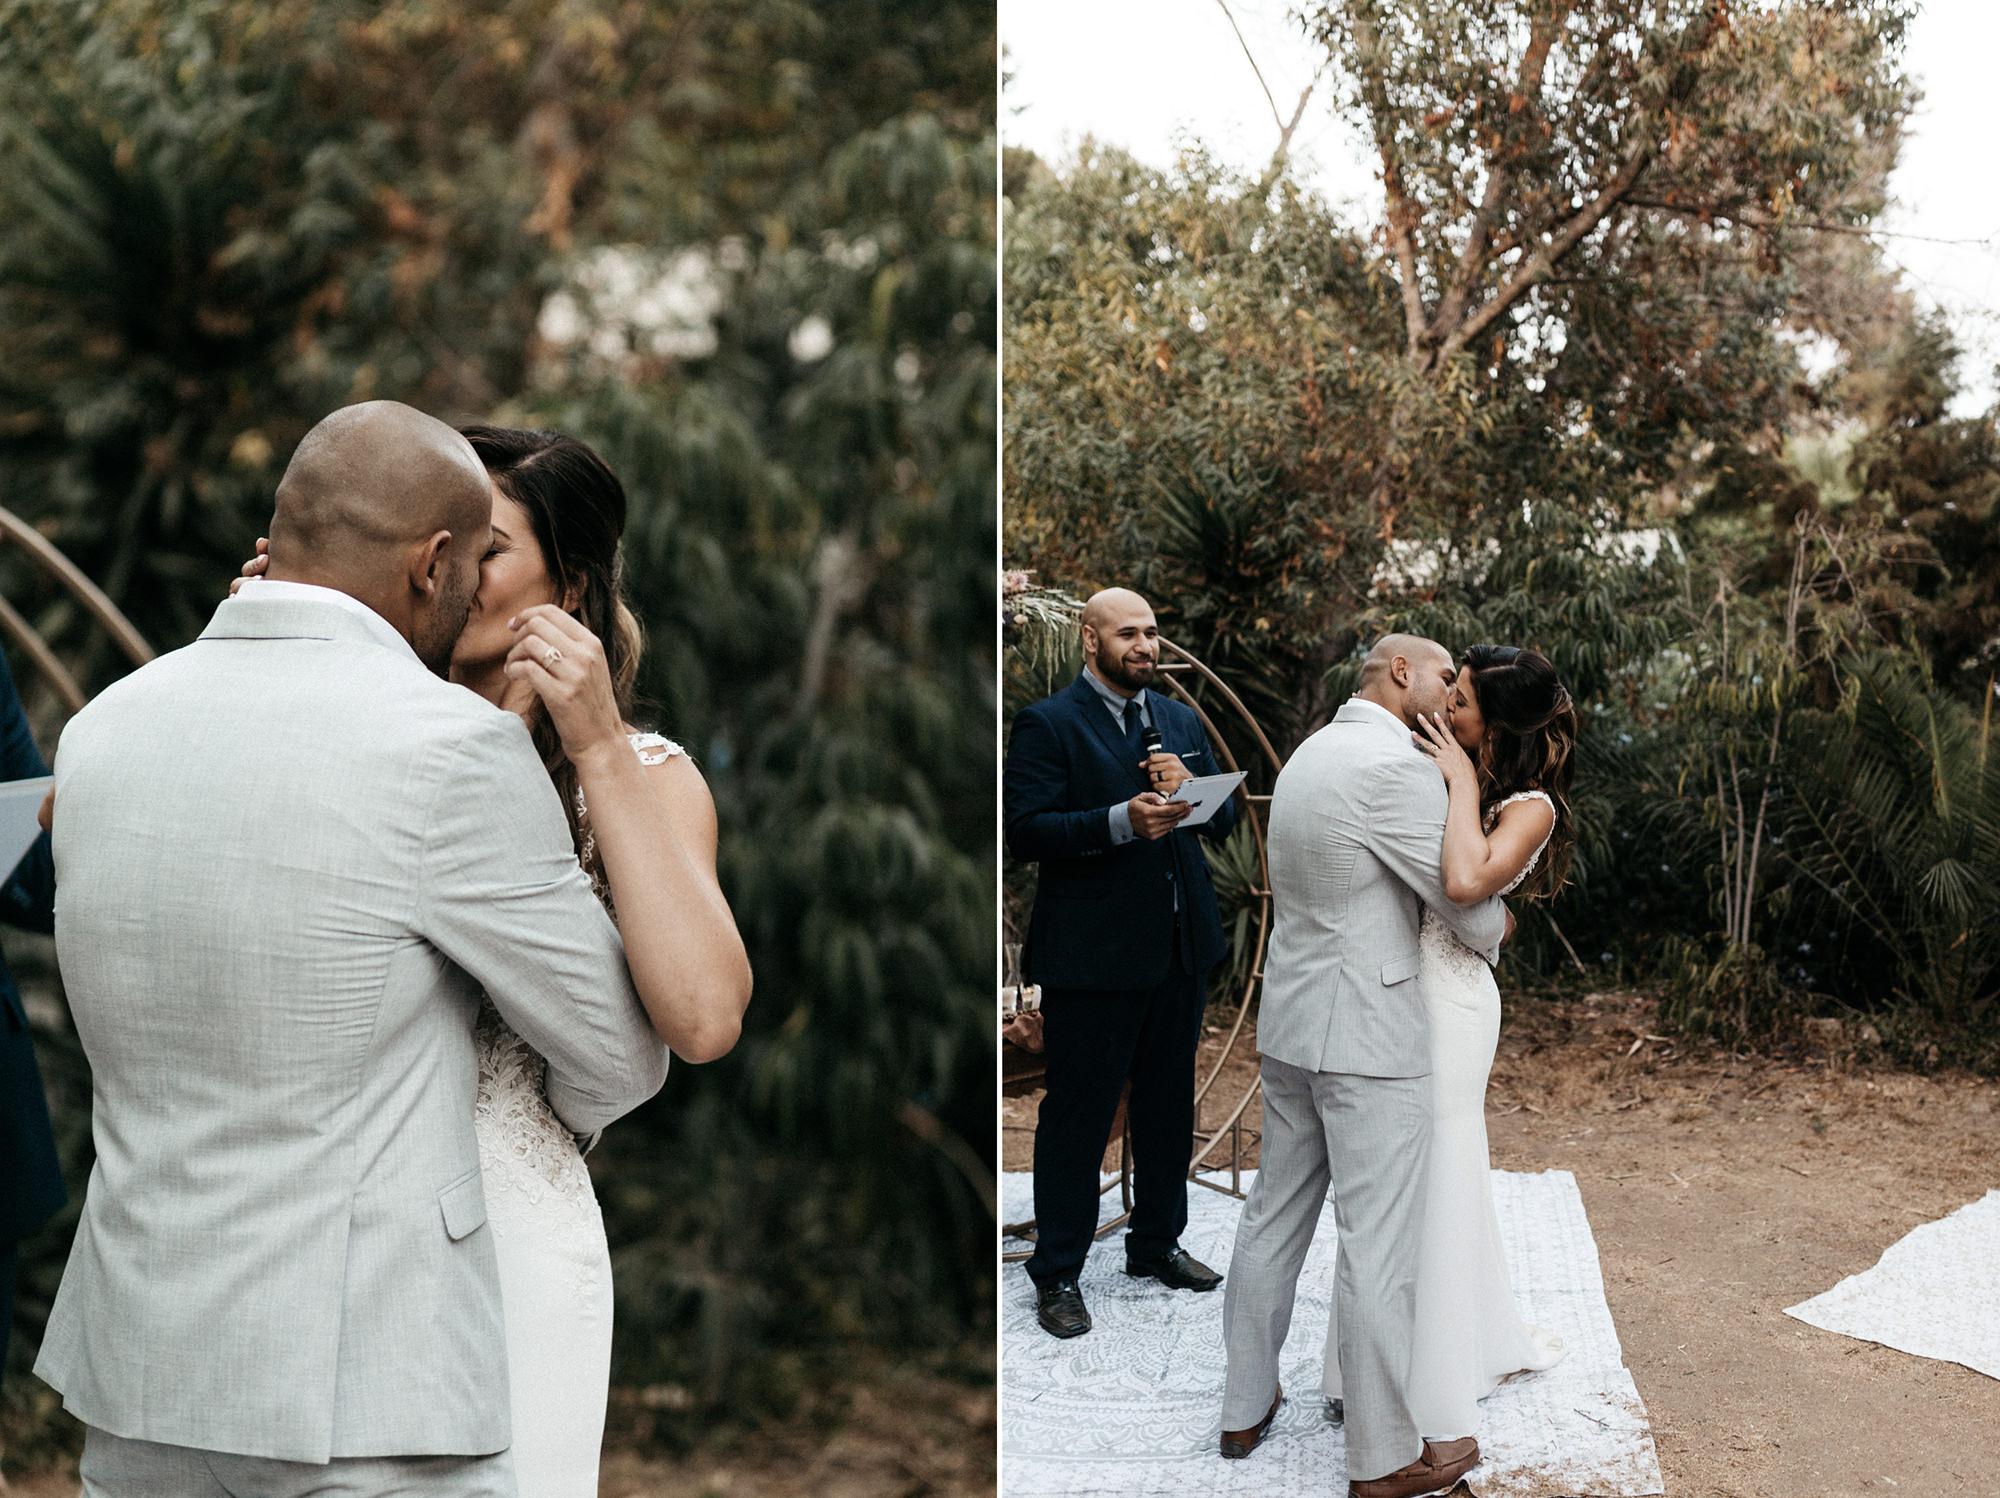 the_fire_garden_wedding-48.jpg